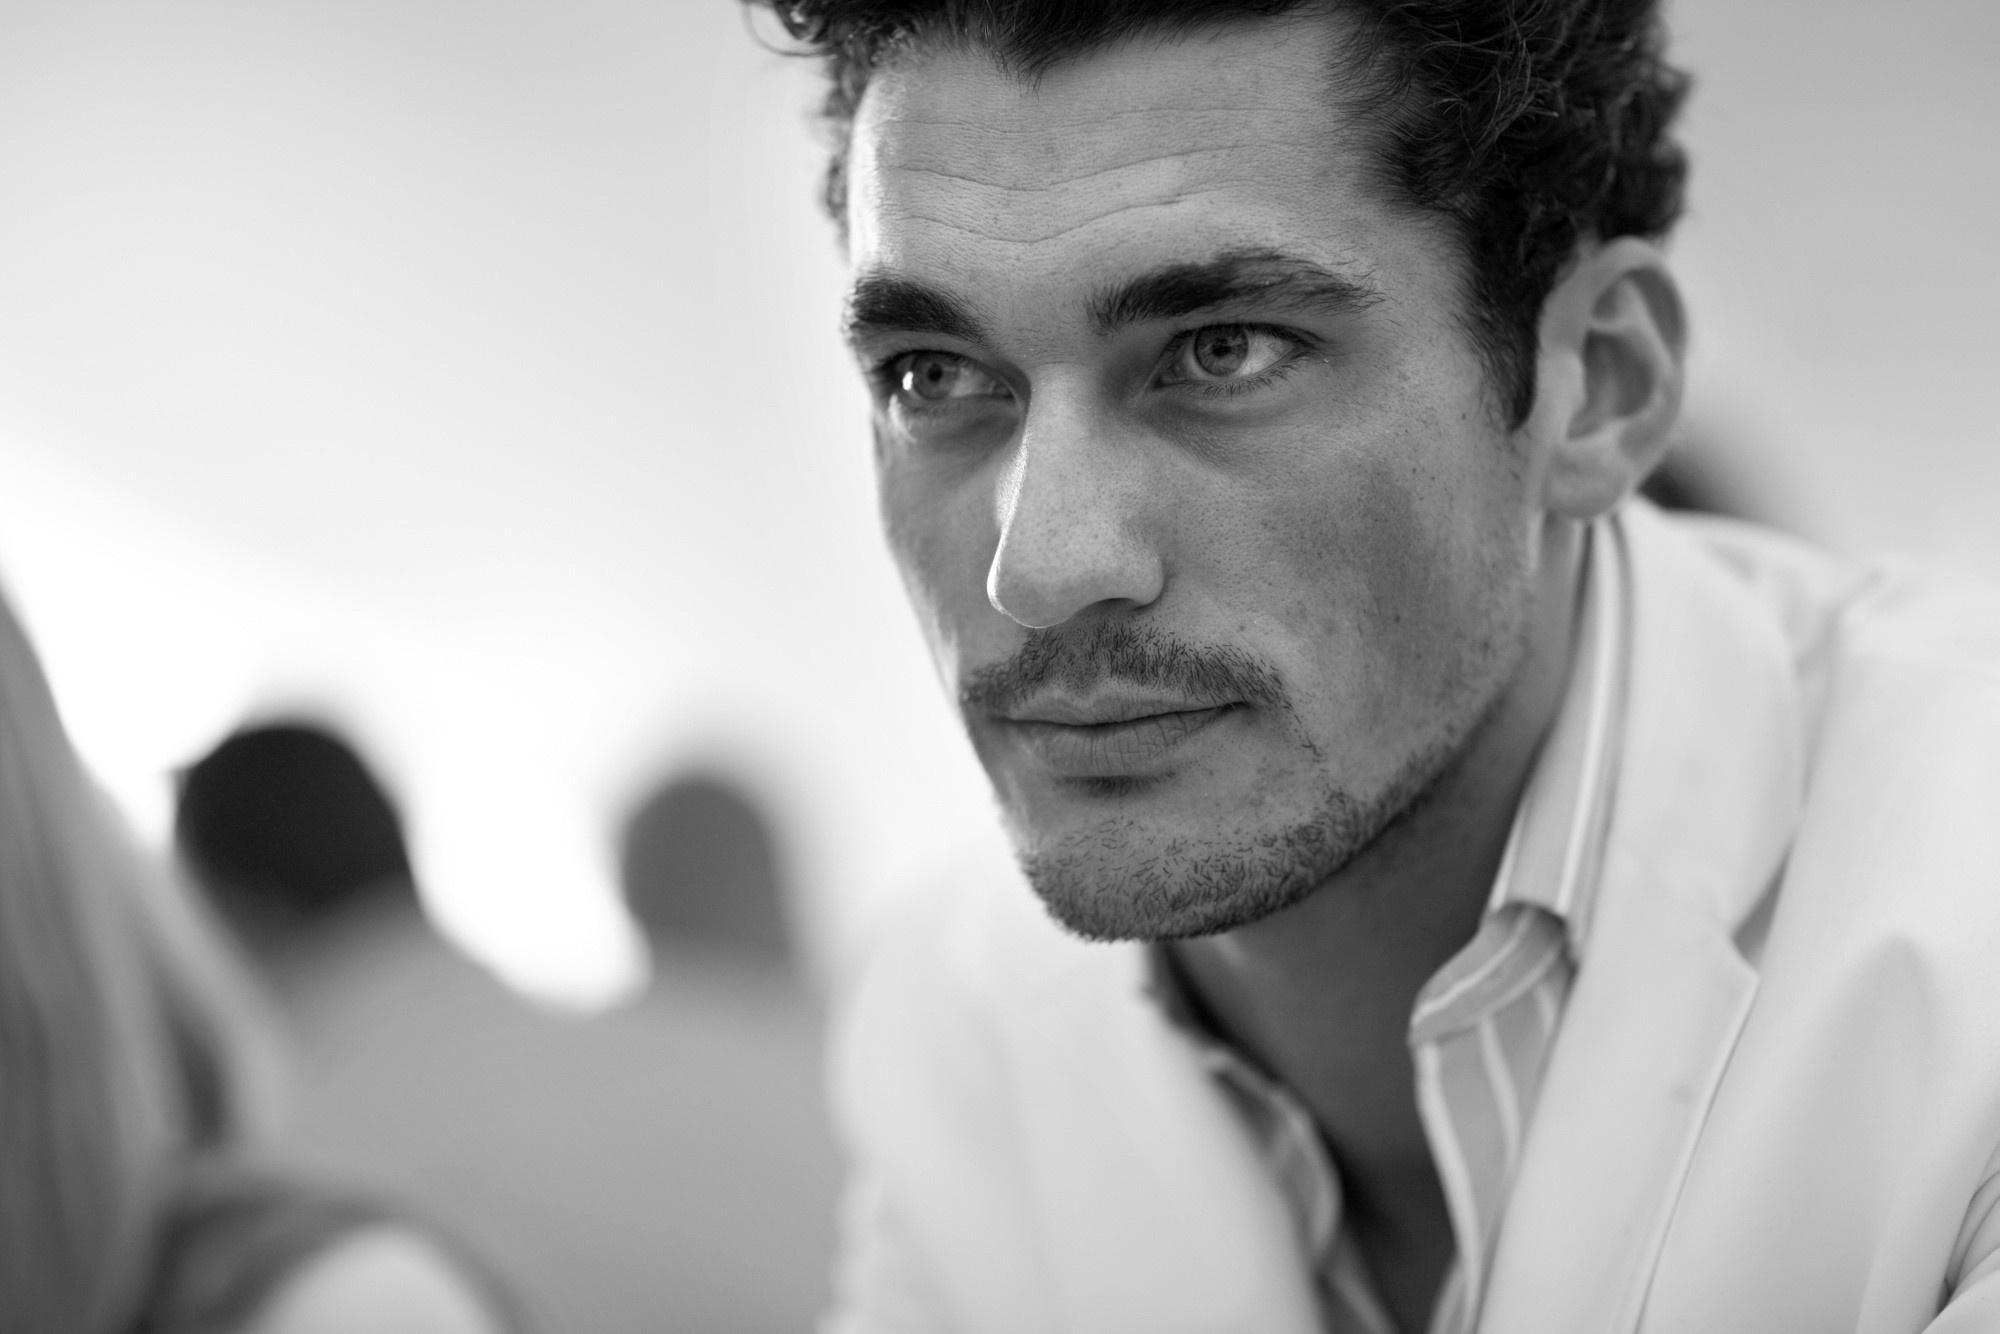 государственной границы черно белые фото красивых мужчин достигается путём добавления